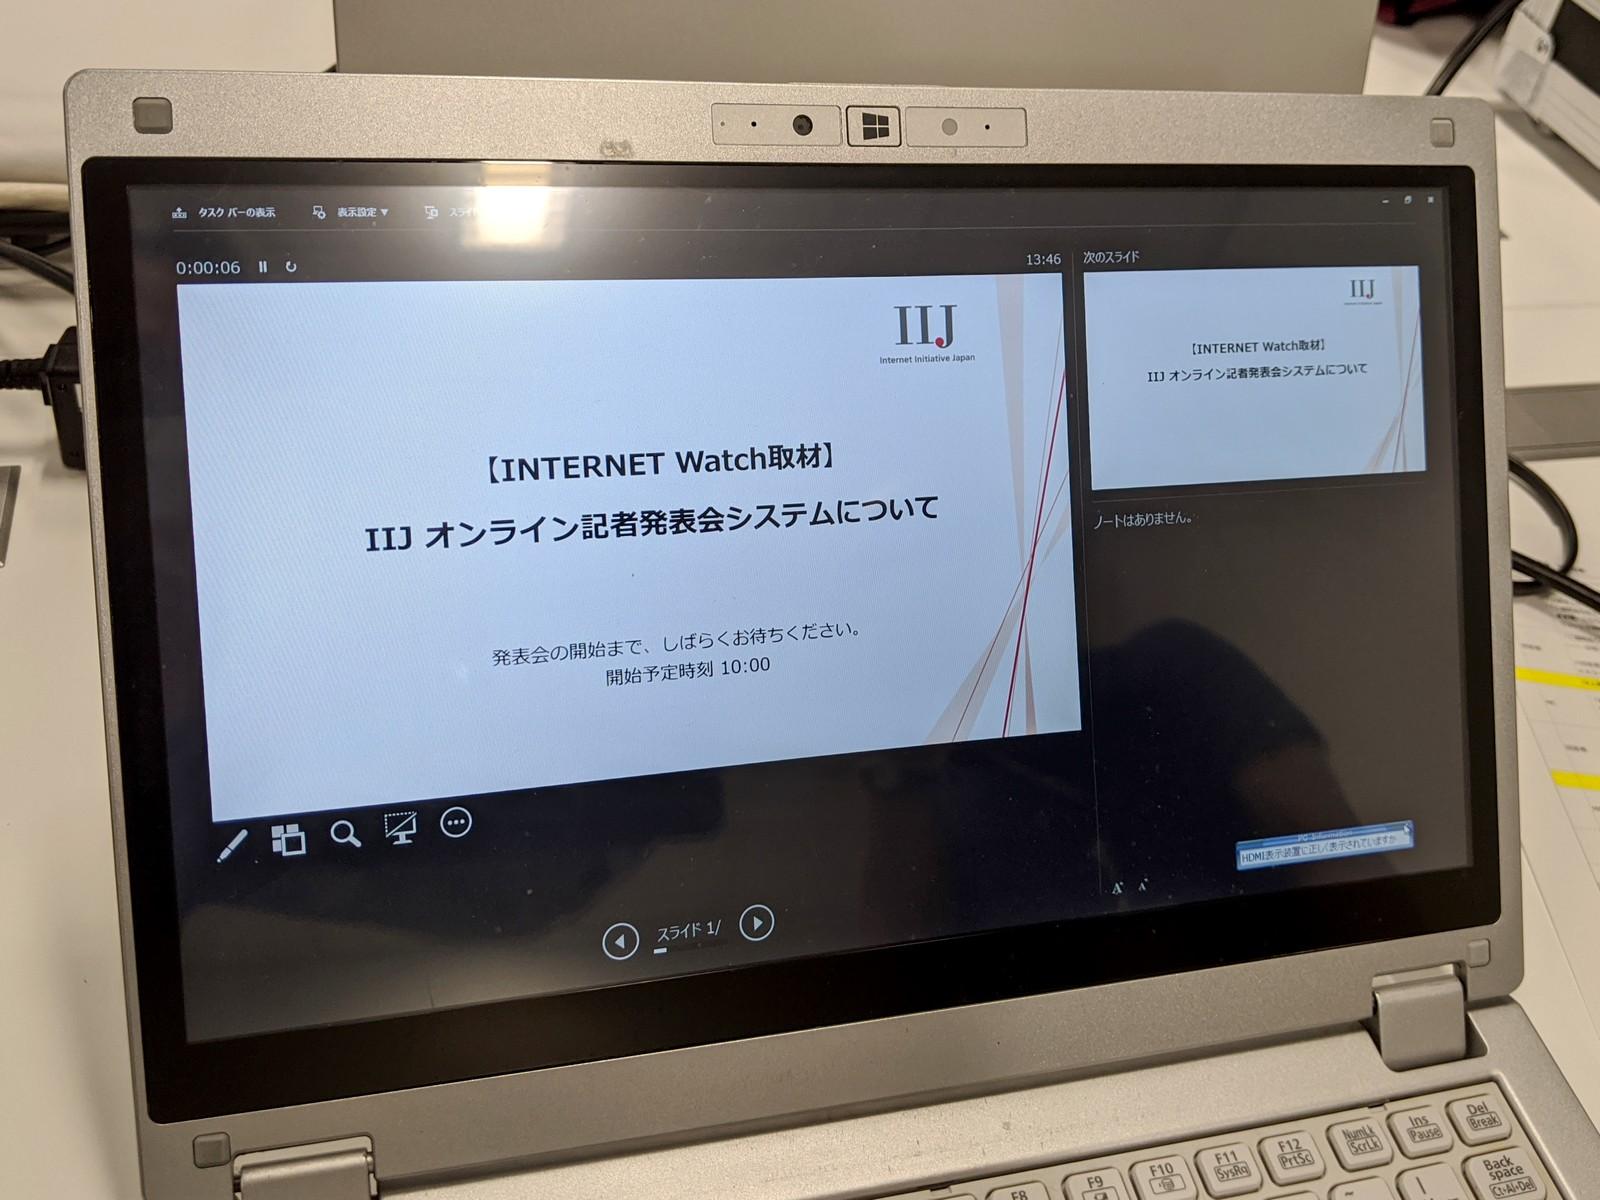 IIJではスライドの操作をプレゼンターが手元で行うので、配信前の画面は別PCを使用している